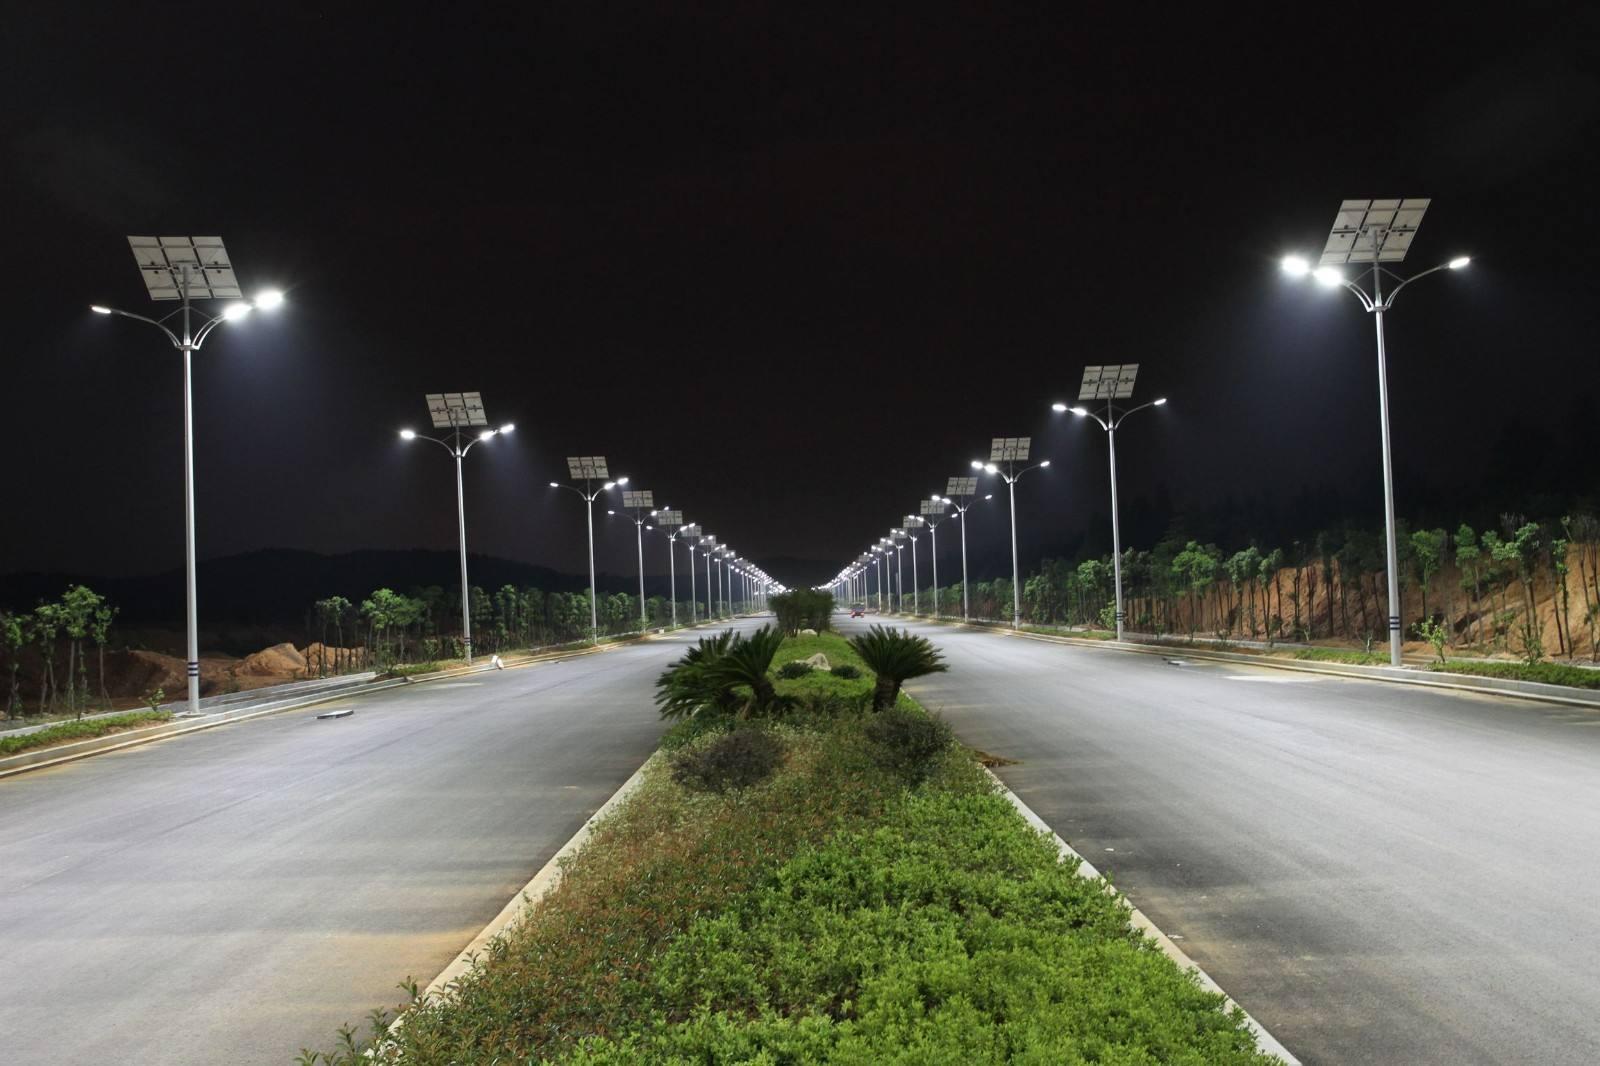 河南省太阳能路灯生产厂家农村路灯项目